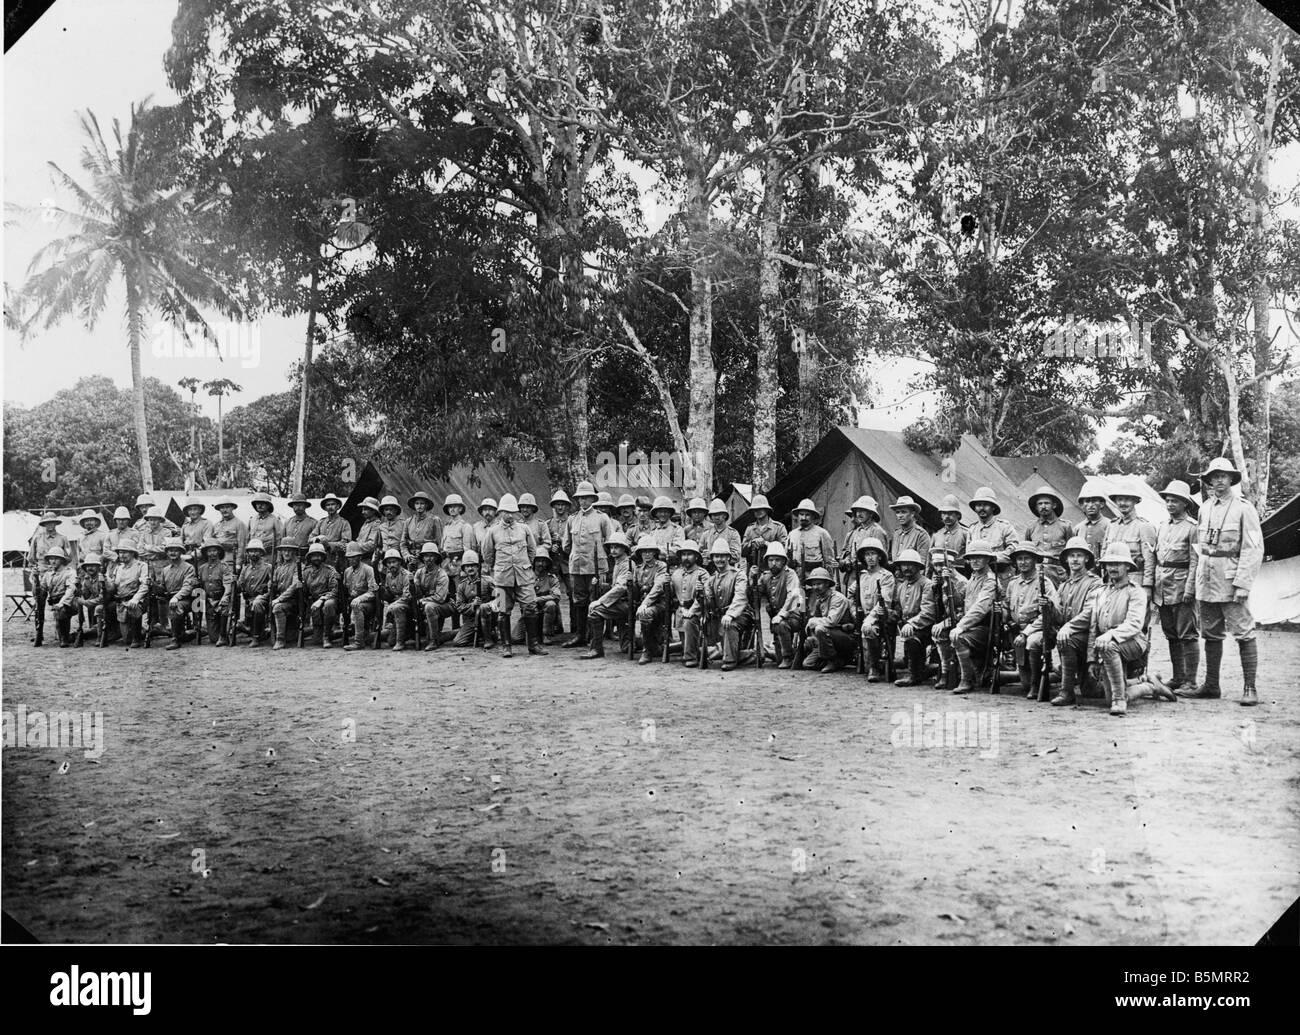 9AF 1914 A1 00 14 camp de l'armée coloniale de l'Afrique orientale allemande Première Guerre mondiale La guerre dans les colonies l'Afrique orientale allemande aujourd'hui la Tanzanie Germa Banque D'Images